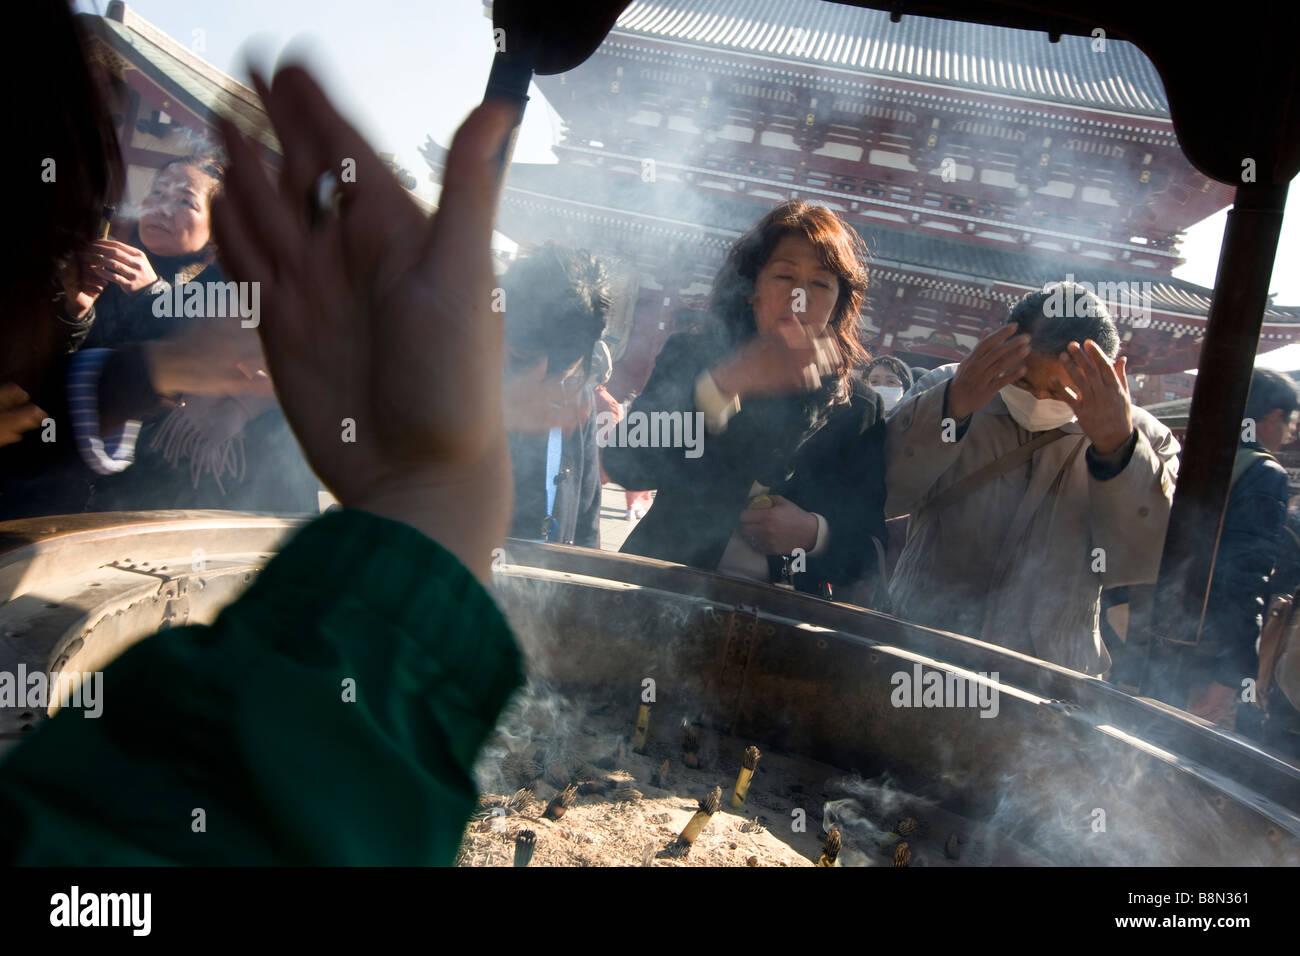 Besucher Senso-Ji Tempel Welle Weihrauch Rauch über sich selbst aus einer Urne zur Abwehr von schlechter Gesundheit Stockbild